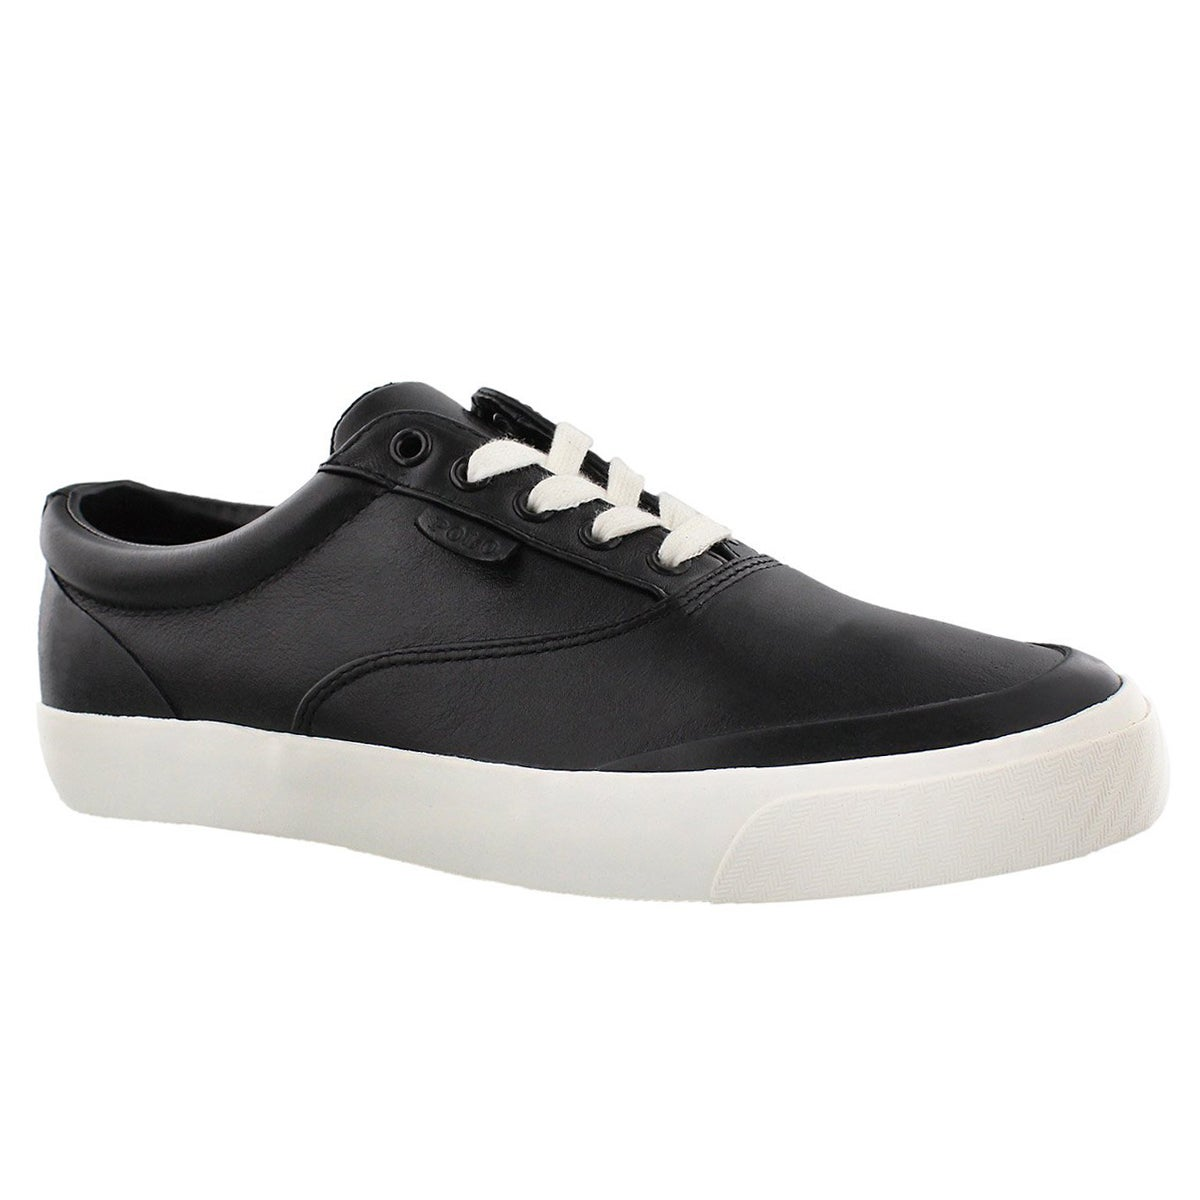 Men's IZZAH black lace up sneakers